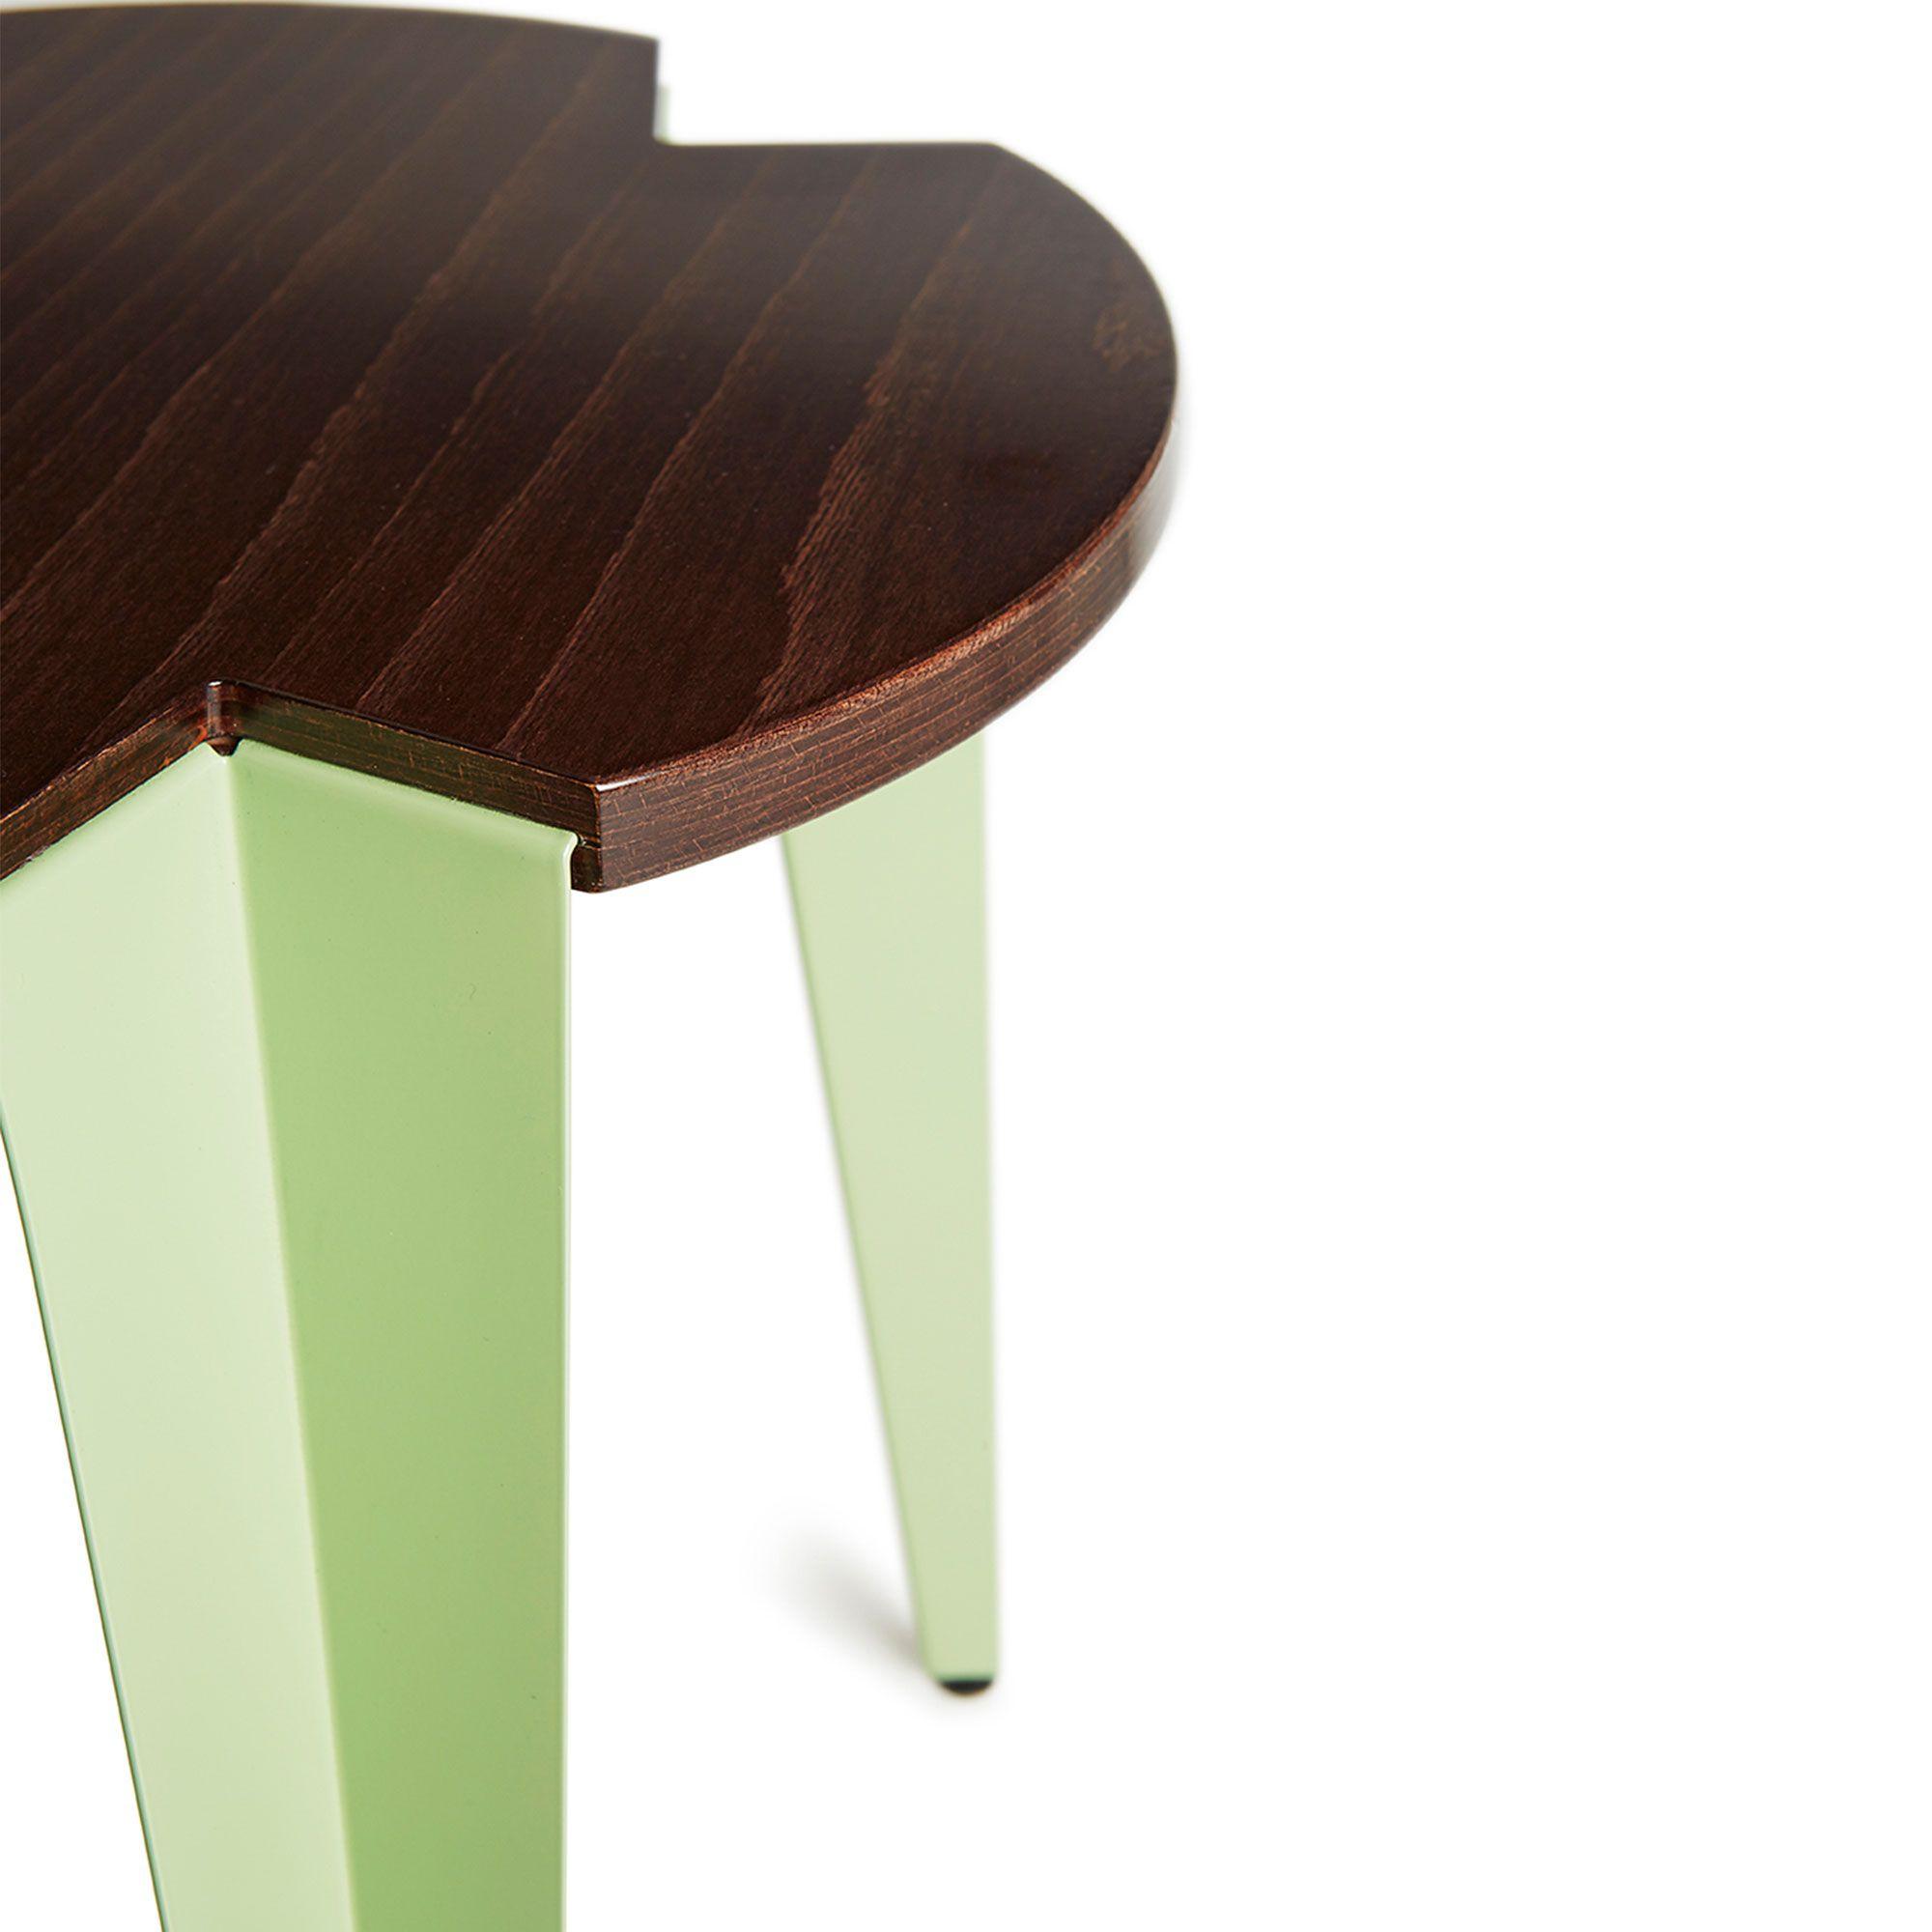 omode-schweiz-möbel-zuhause-stühle-embru-vogthocker-(2)